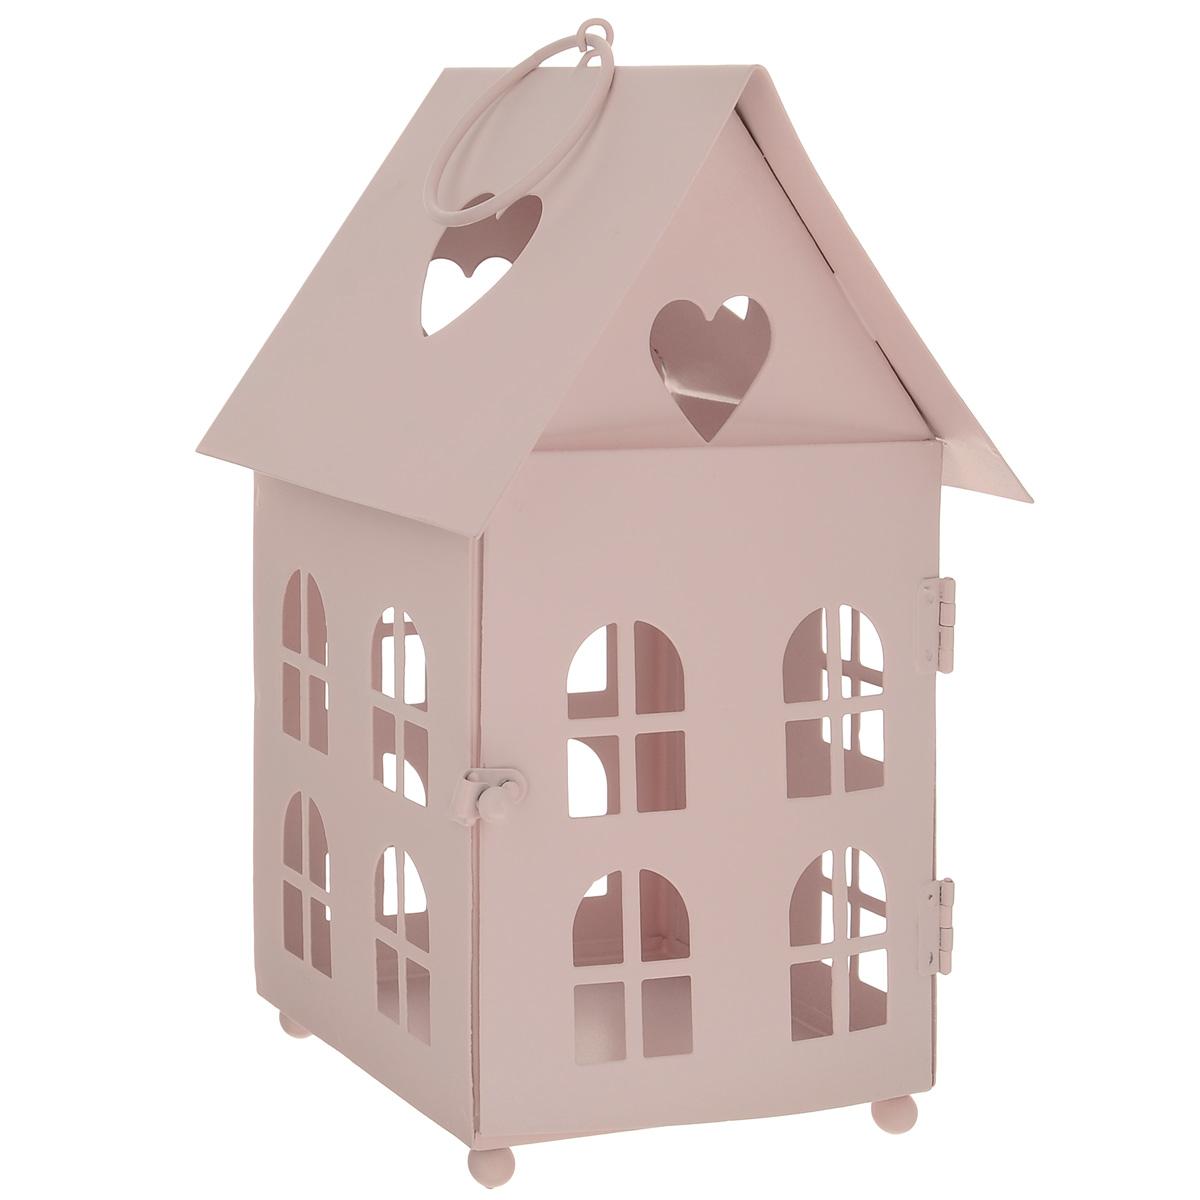 Домик-фонарик декоративный Blossom Line, цвет: нежно-розовый, 11 х 11 х 18,5 см54 009312Декоративный домик-фонарик Blossom Line, изготовленный из окрашенного металла, - прекрасный выбор для тех, кто хочет сделать запоминающийся подарок родным и близким. Кроме того, он может хорошо вписаться в интерьер вашего дома или дачи. Изделие можно декорировать разными материалами (наклейки, ткань, ленты, декоративные цветы и многое другое) и сделать оригинальную композицию. Домик-фонарик оснащен открывающейся дверцей и металлическим кольцом для подвешивания на крючок.Размер: 11 см х 11 см х 18,5 см. Размер дверцы: 9 см х 11 см.